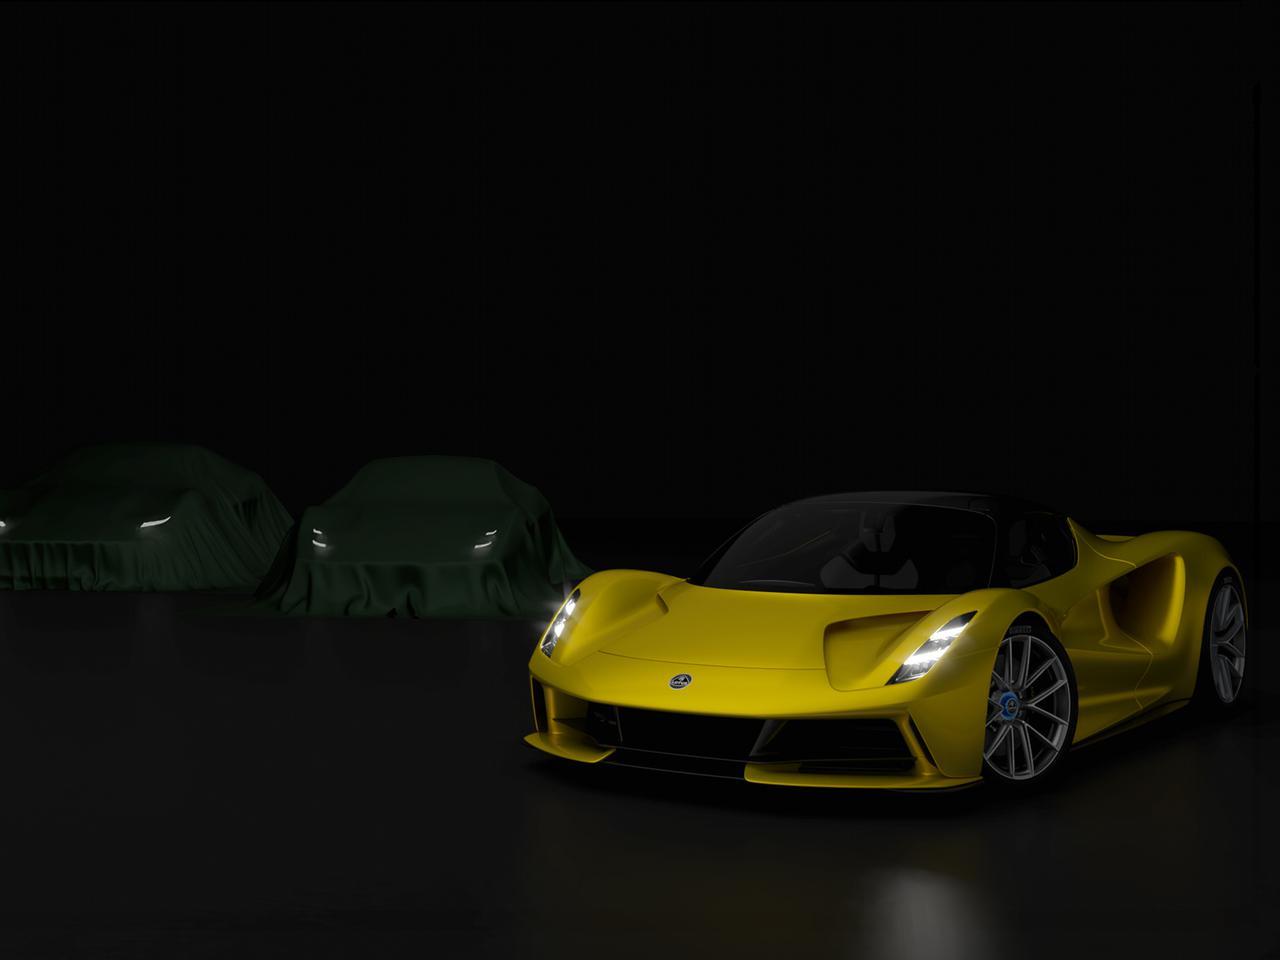 ロータスがスポーツカーシリーズを一新。エリーゼ/エキシージ/エヴォーラの生産終了を決定!